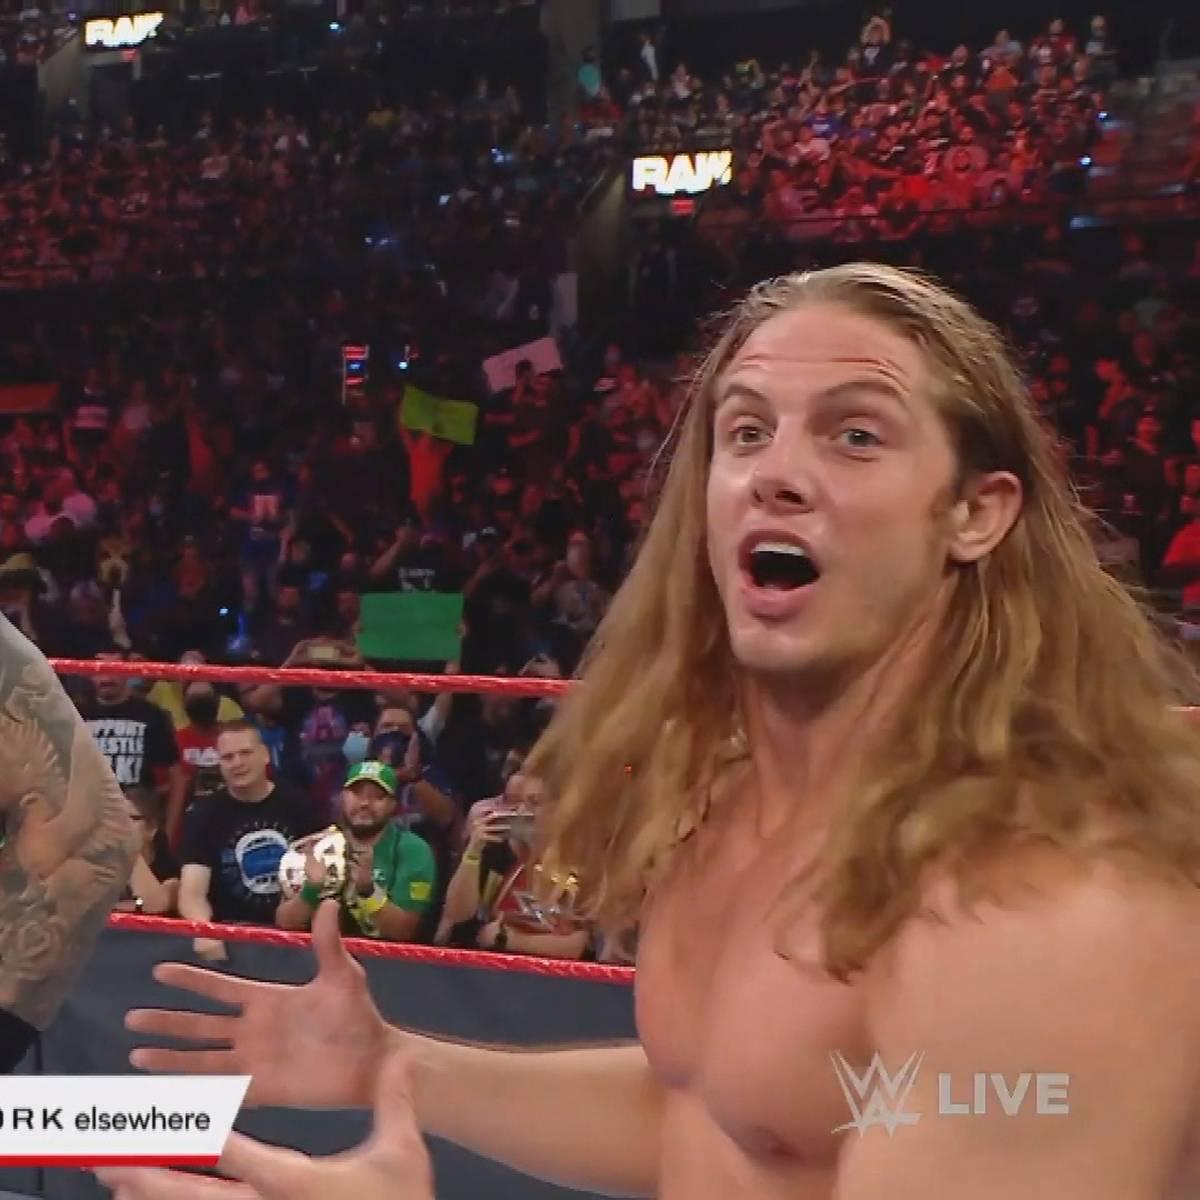 Hier versöhnt sich das ungleiche WWE-Duo